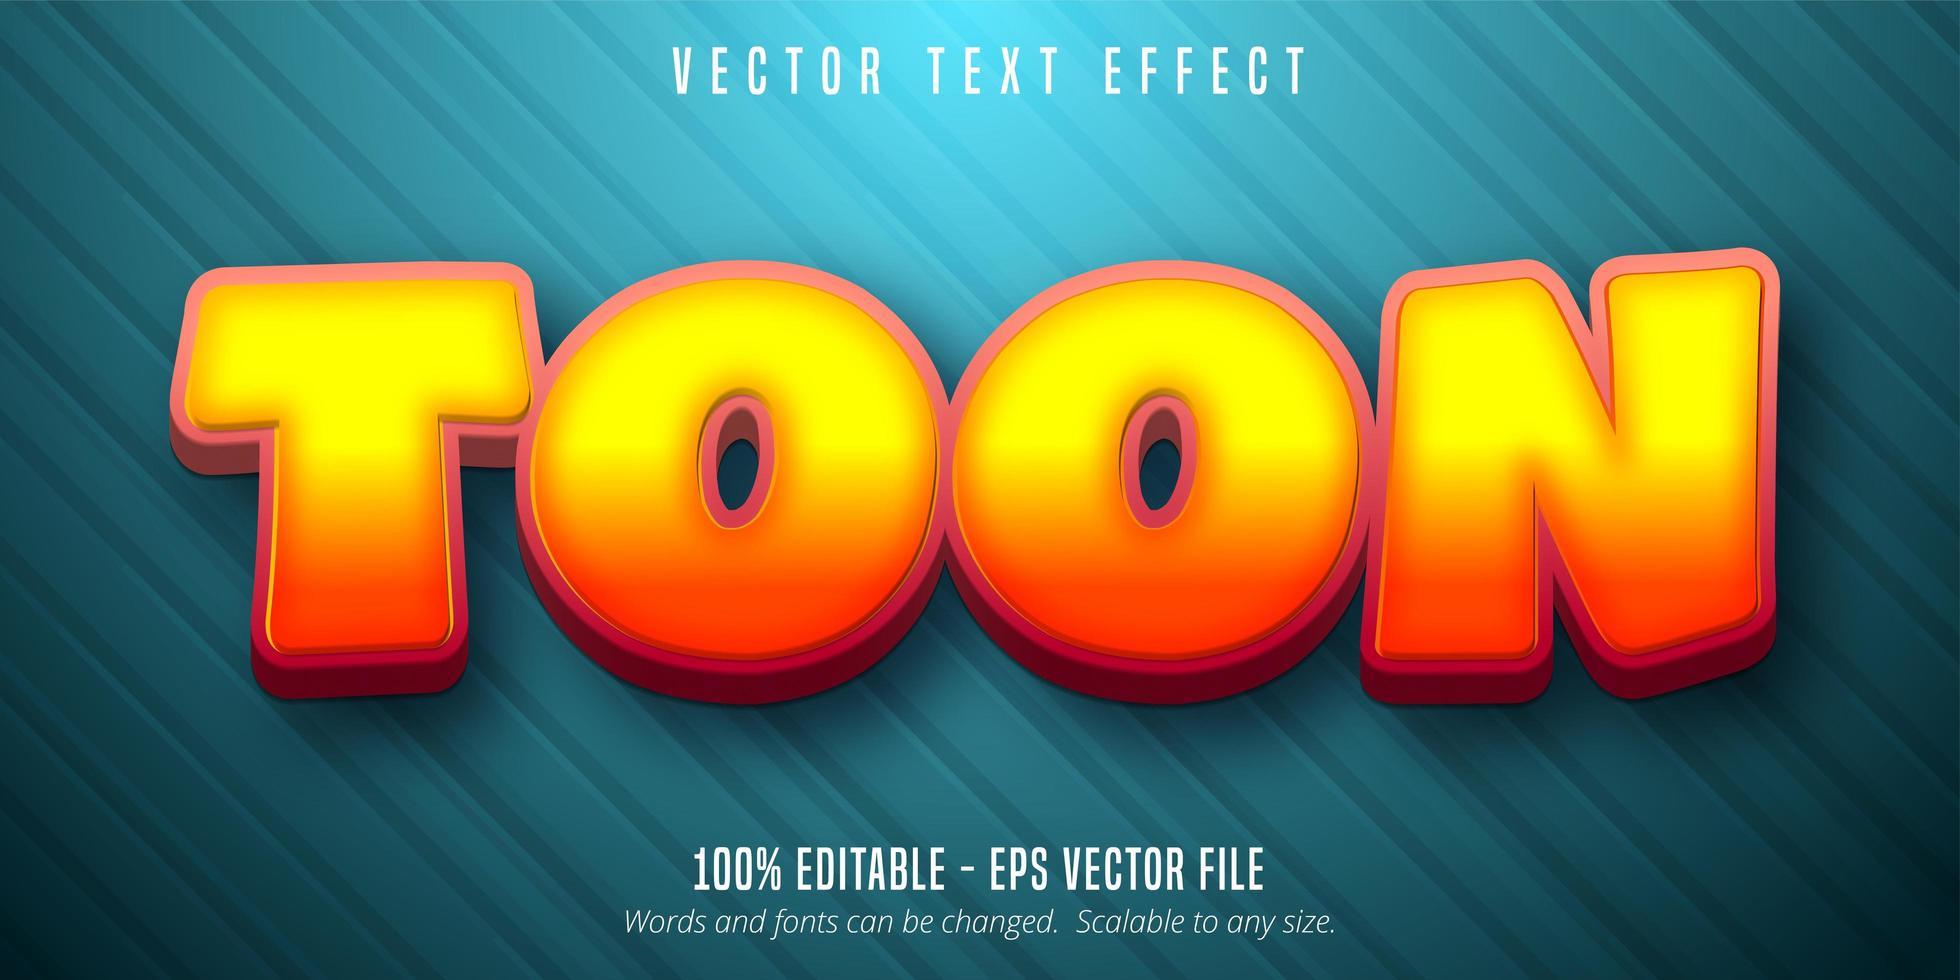 Toon text cartoon style editable text effect vector